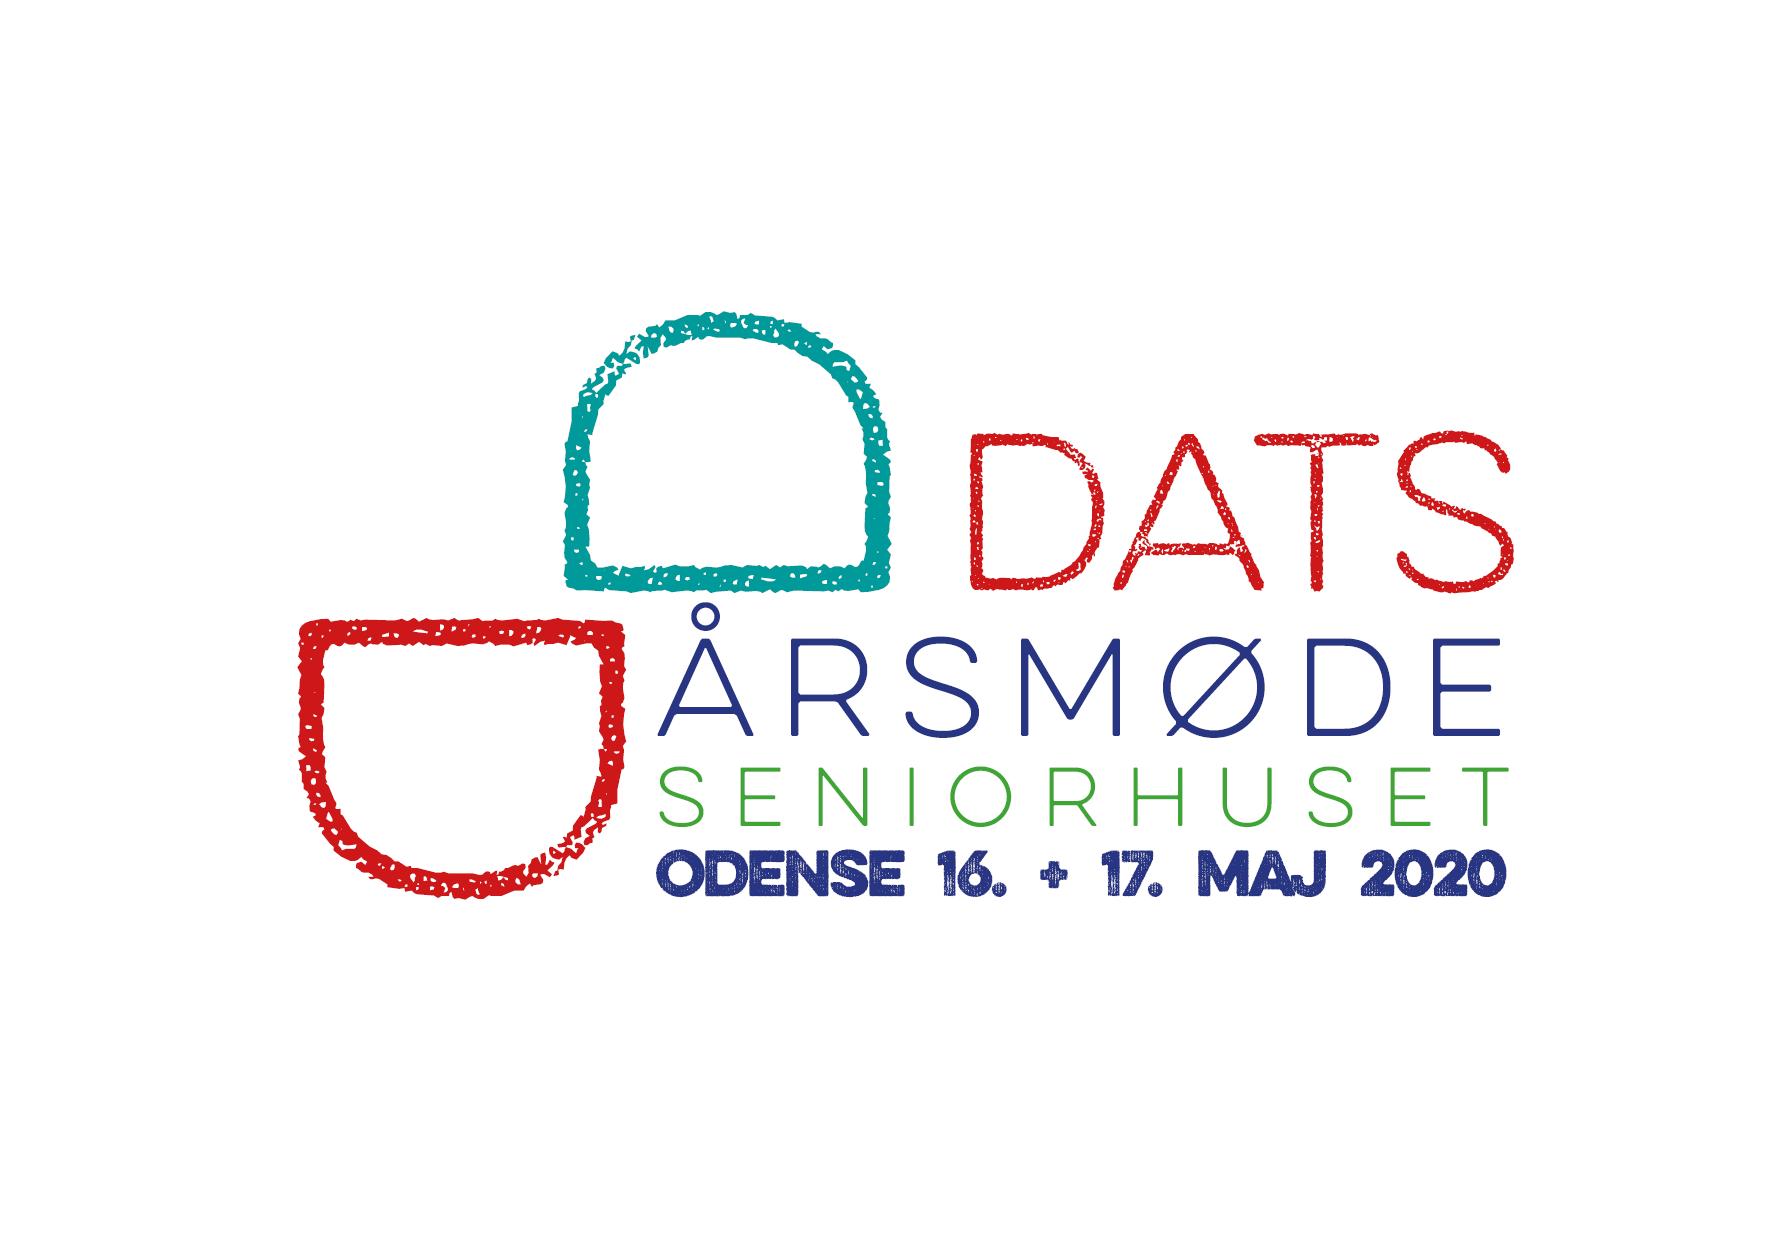 DATS Årsmøde 2020